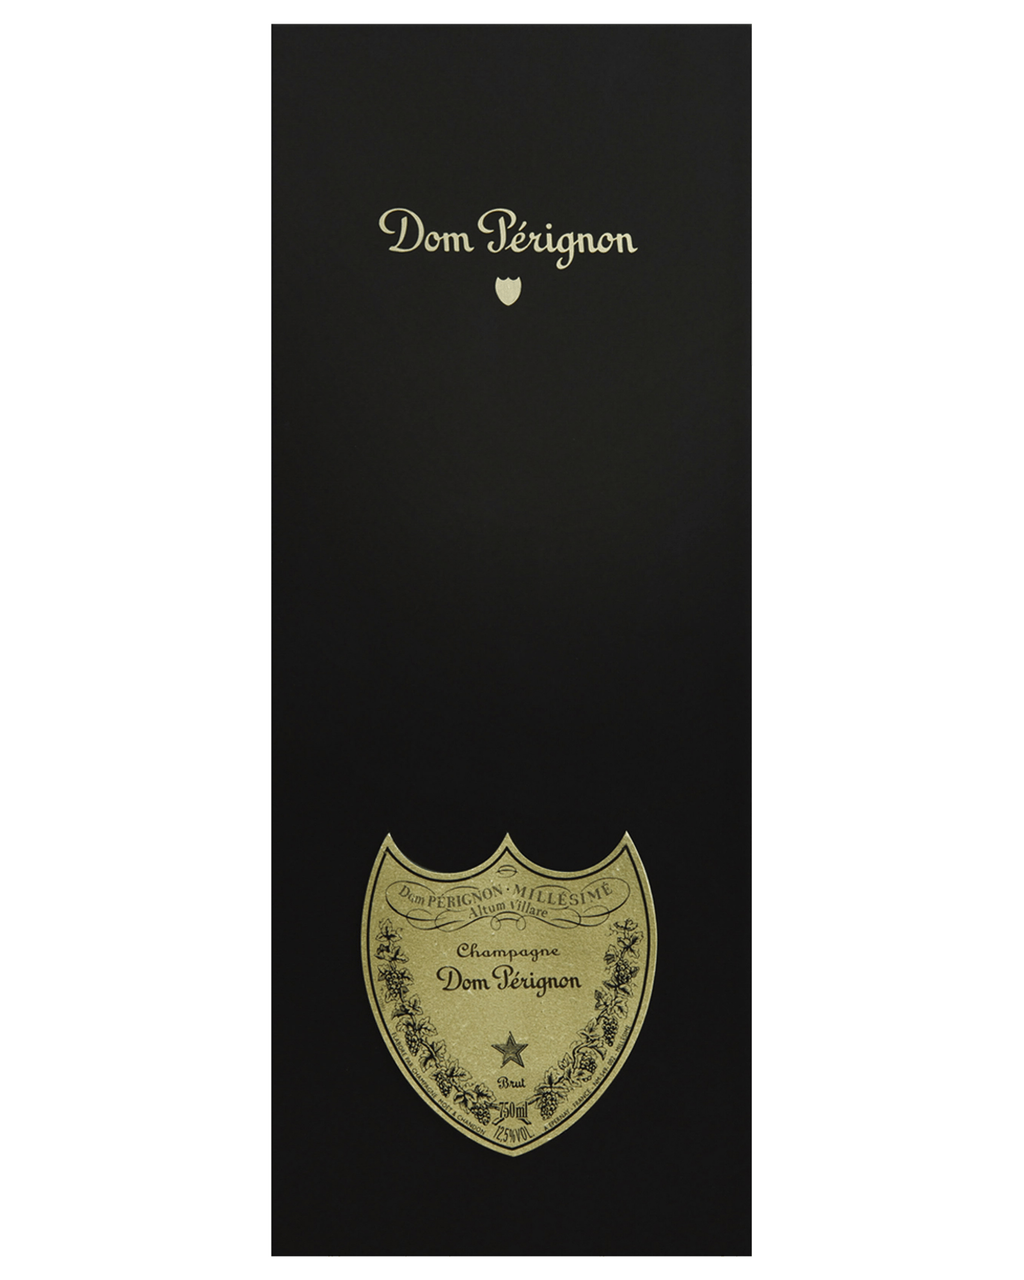 Dom Perignon Vintage Champagne 750ml